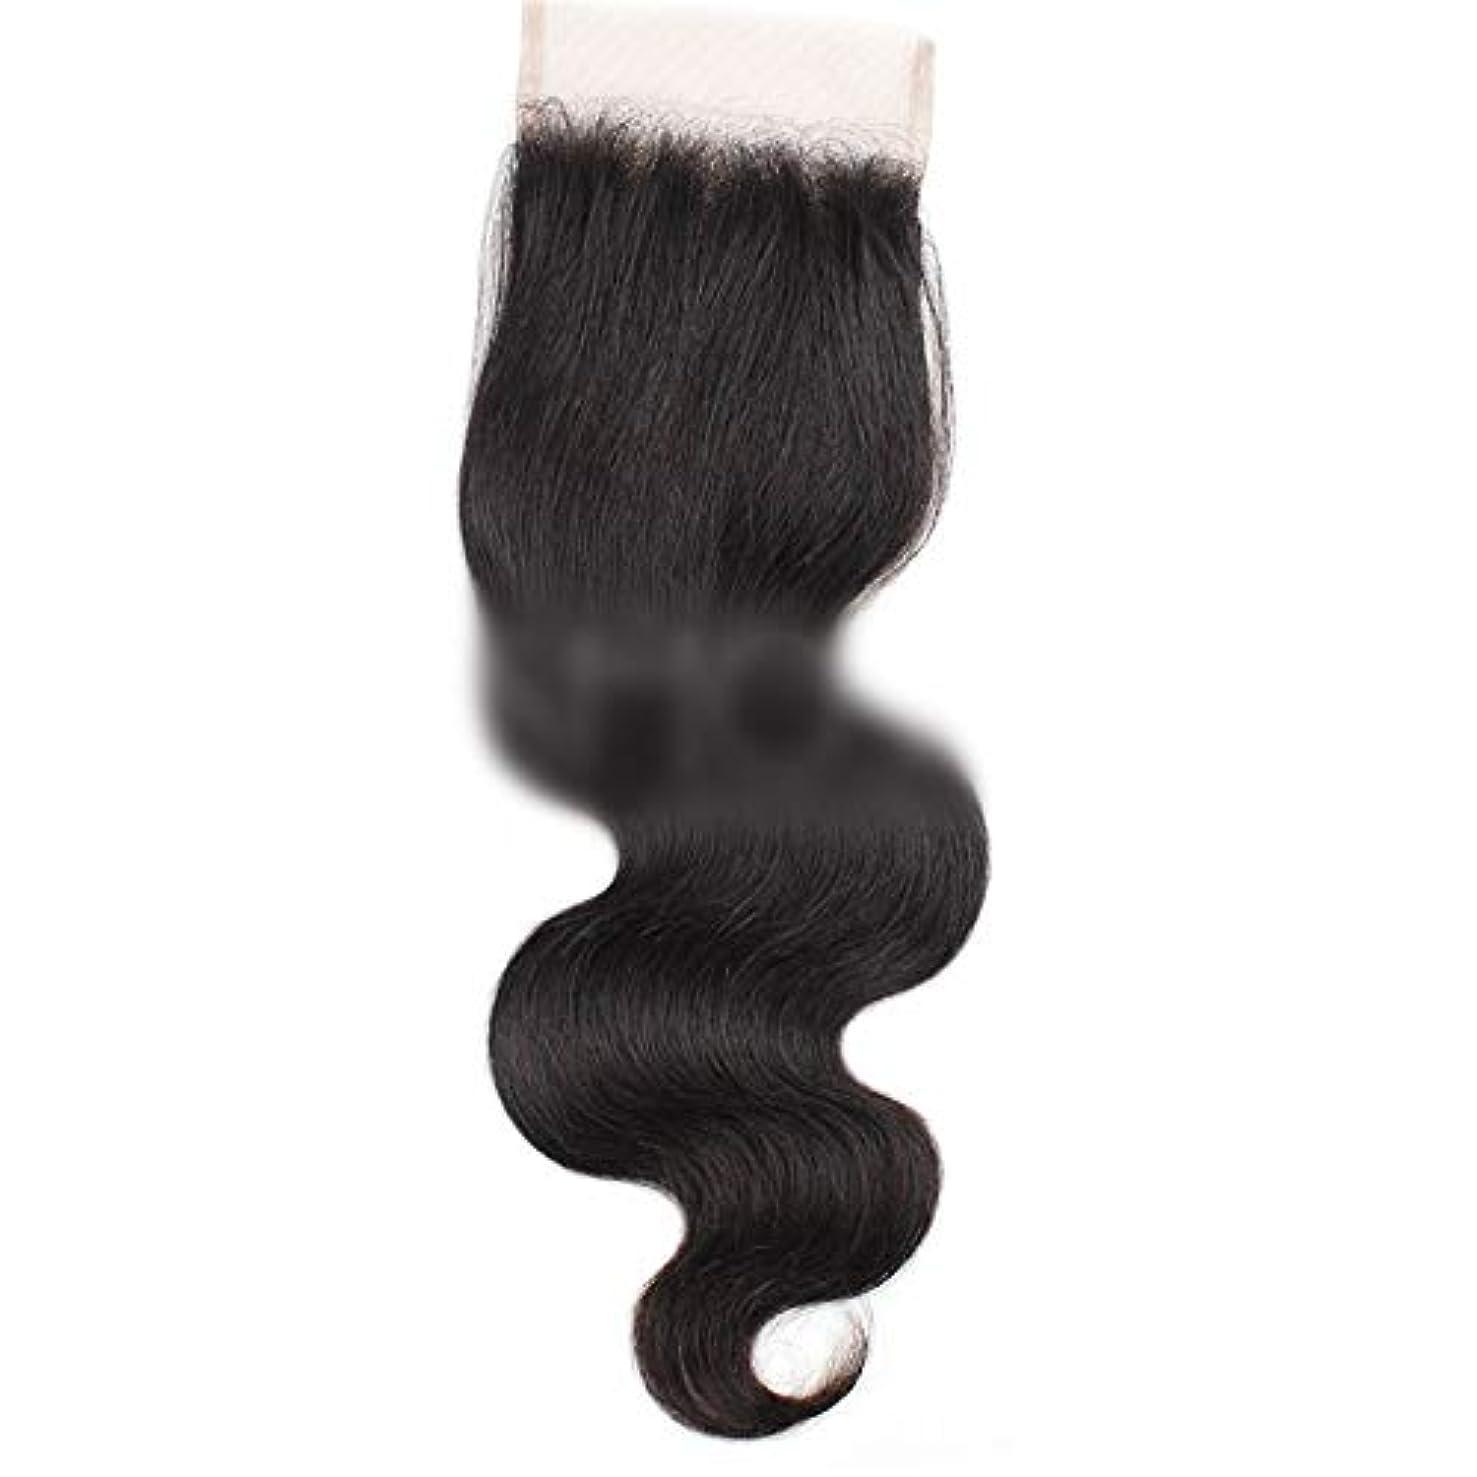 不十分な気配りのある伝導率HOHYLLYA 7aバージンブラジル人間の髪の毛自由な部分実体波4×4レース閉鎖ロールプレイングかつら女性のかつら (色 : 黒, サイズ : 10 inch)